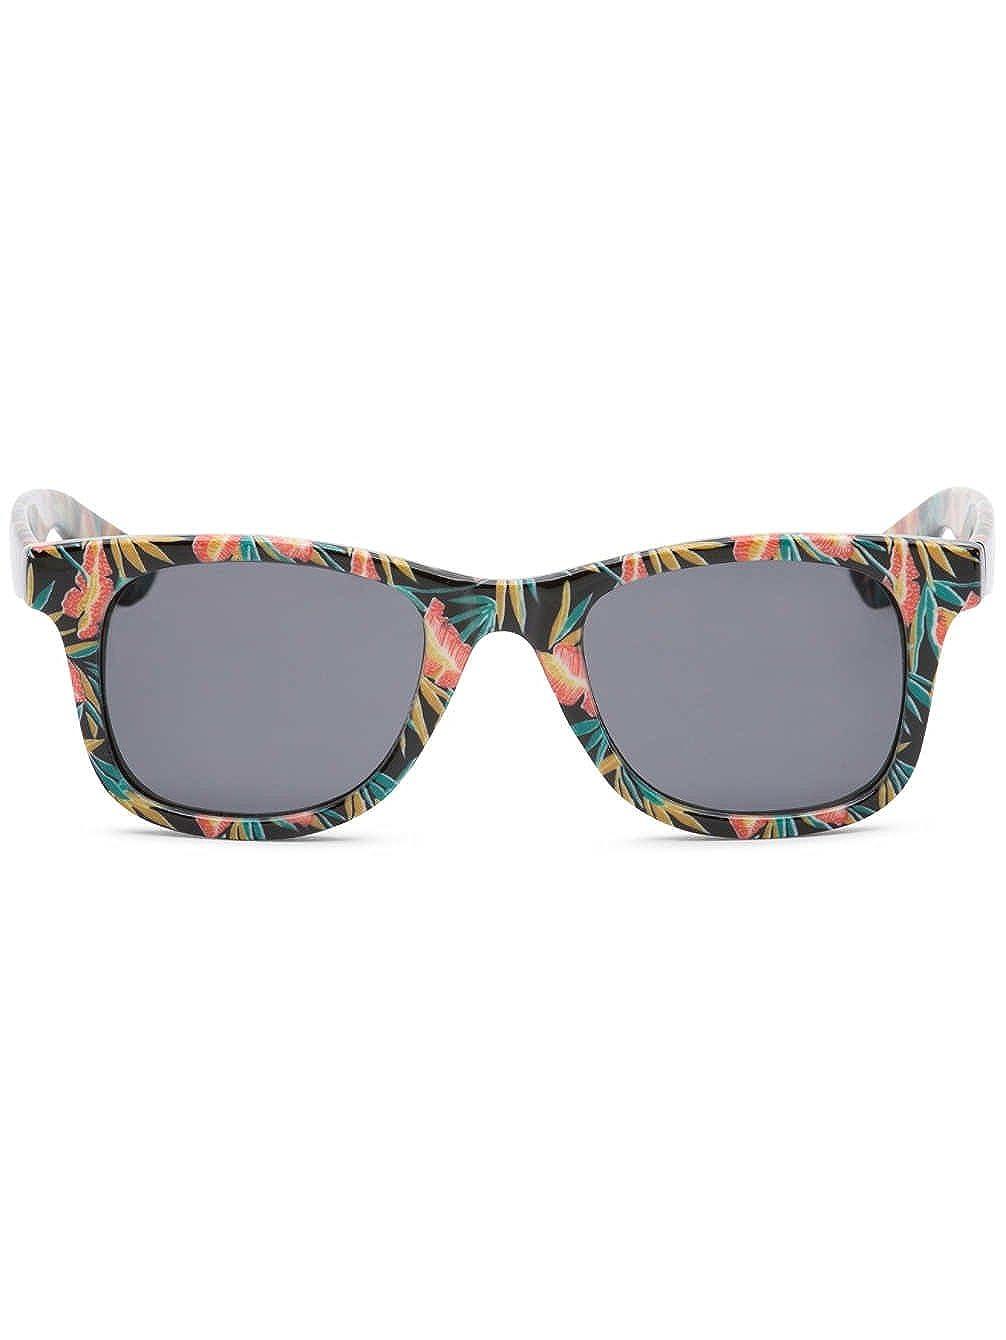 Vans Damen Sonnenbrille Janelle Hipster Black Tropic: Amazon